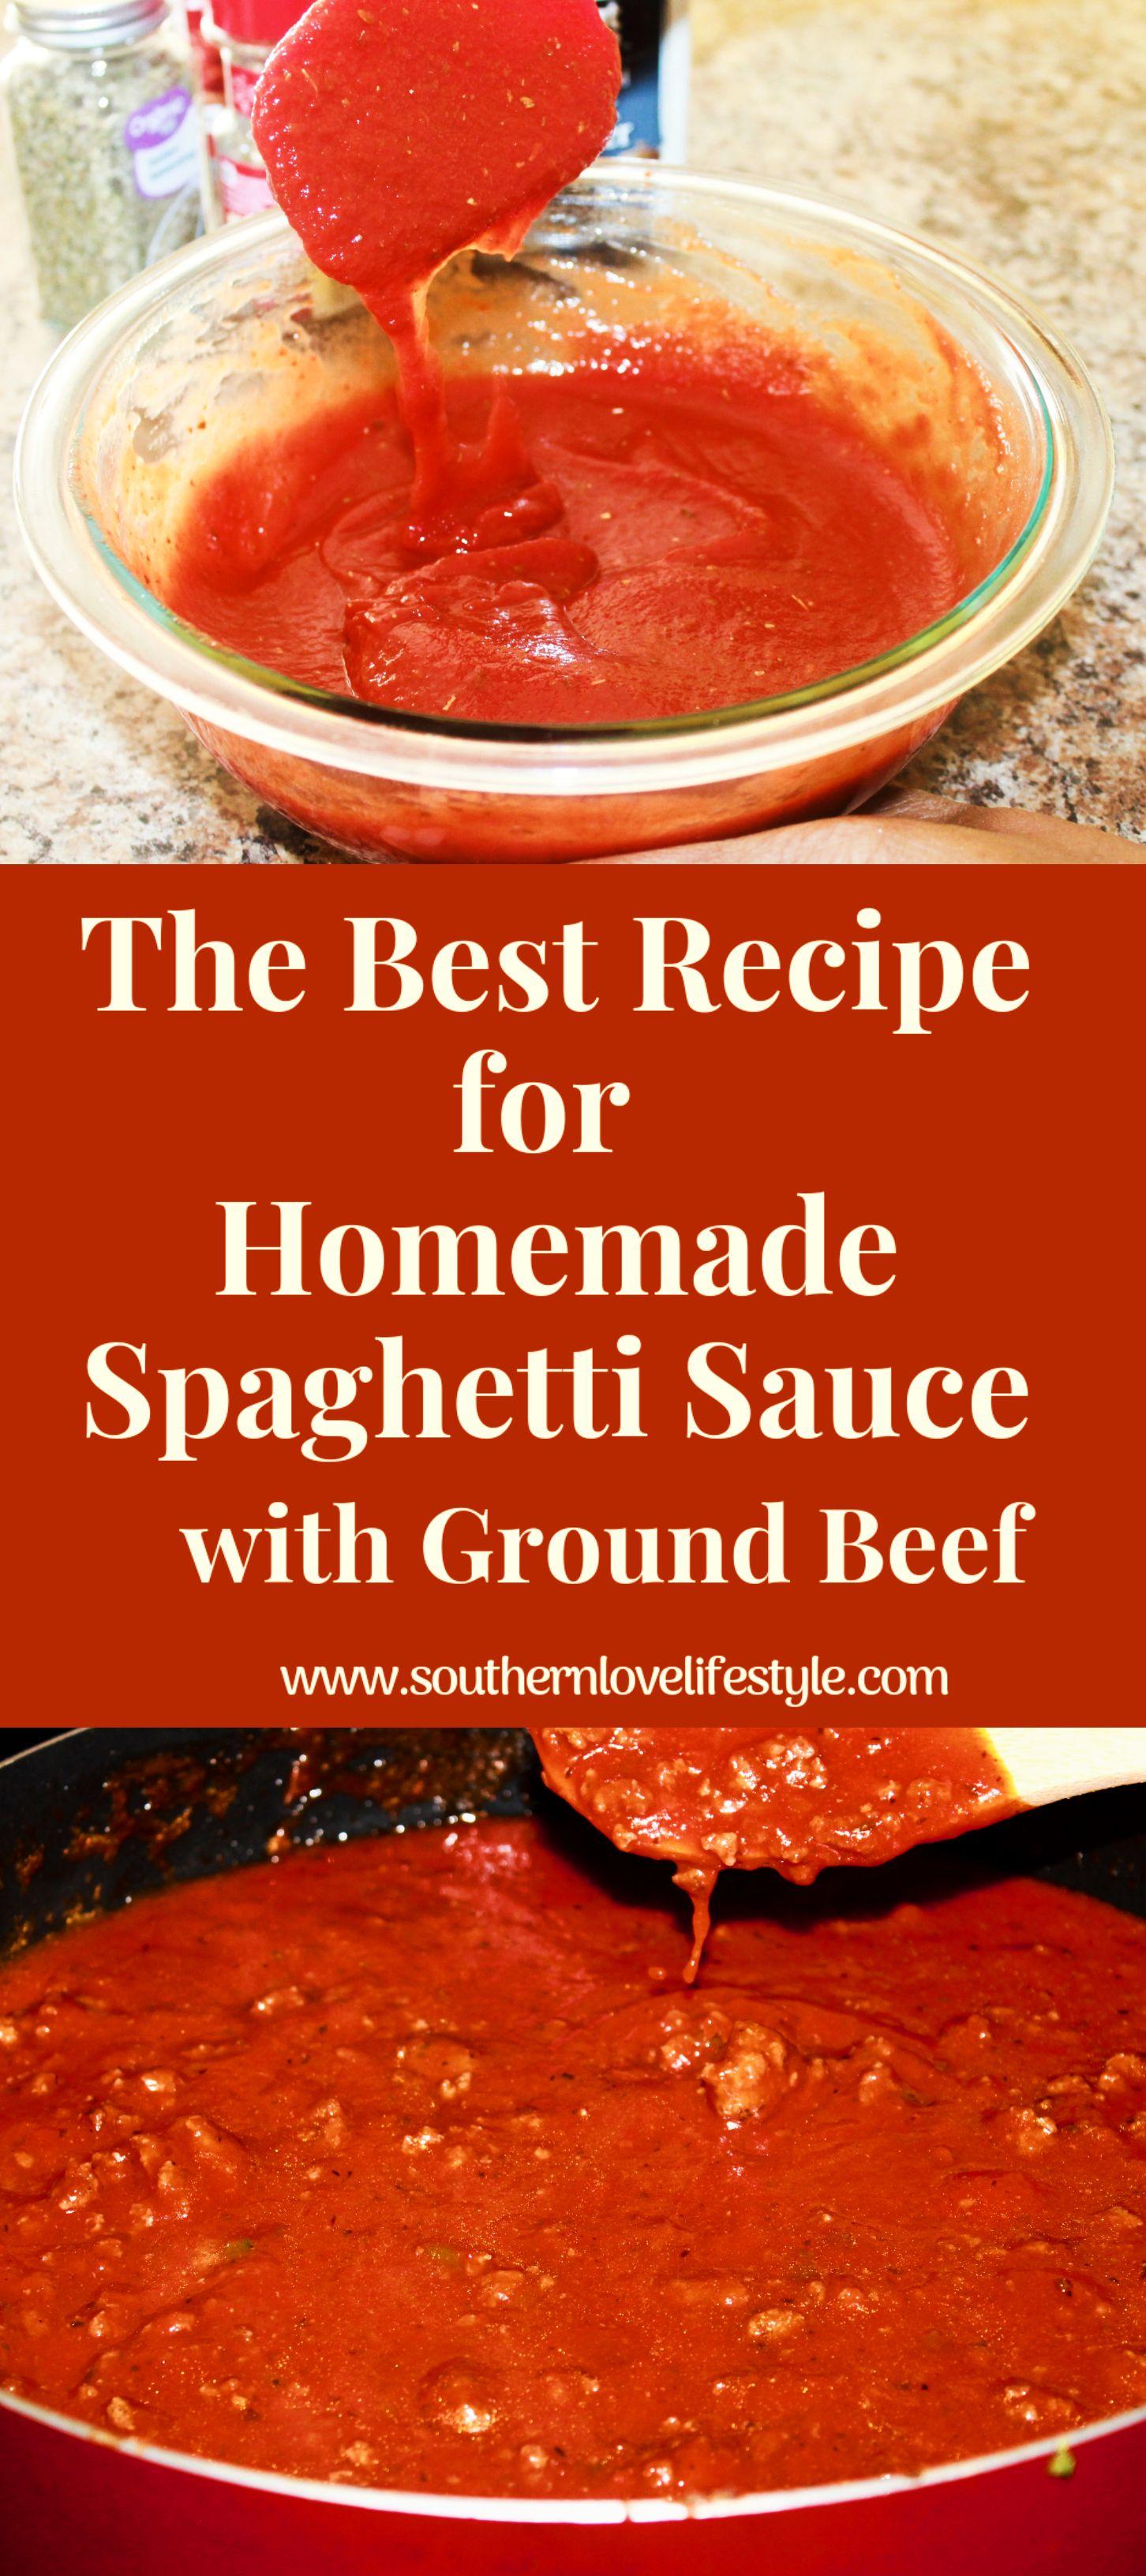 How To Make Homemade Spaghetti Meatballs Southern Love Recipe Homemade Meat Sauce Homemade Spaghetti Homemade Spaghetti Sauce